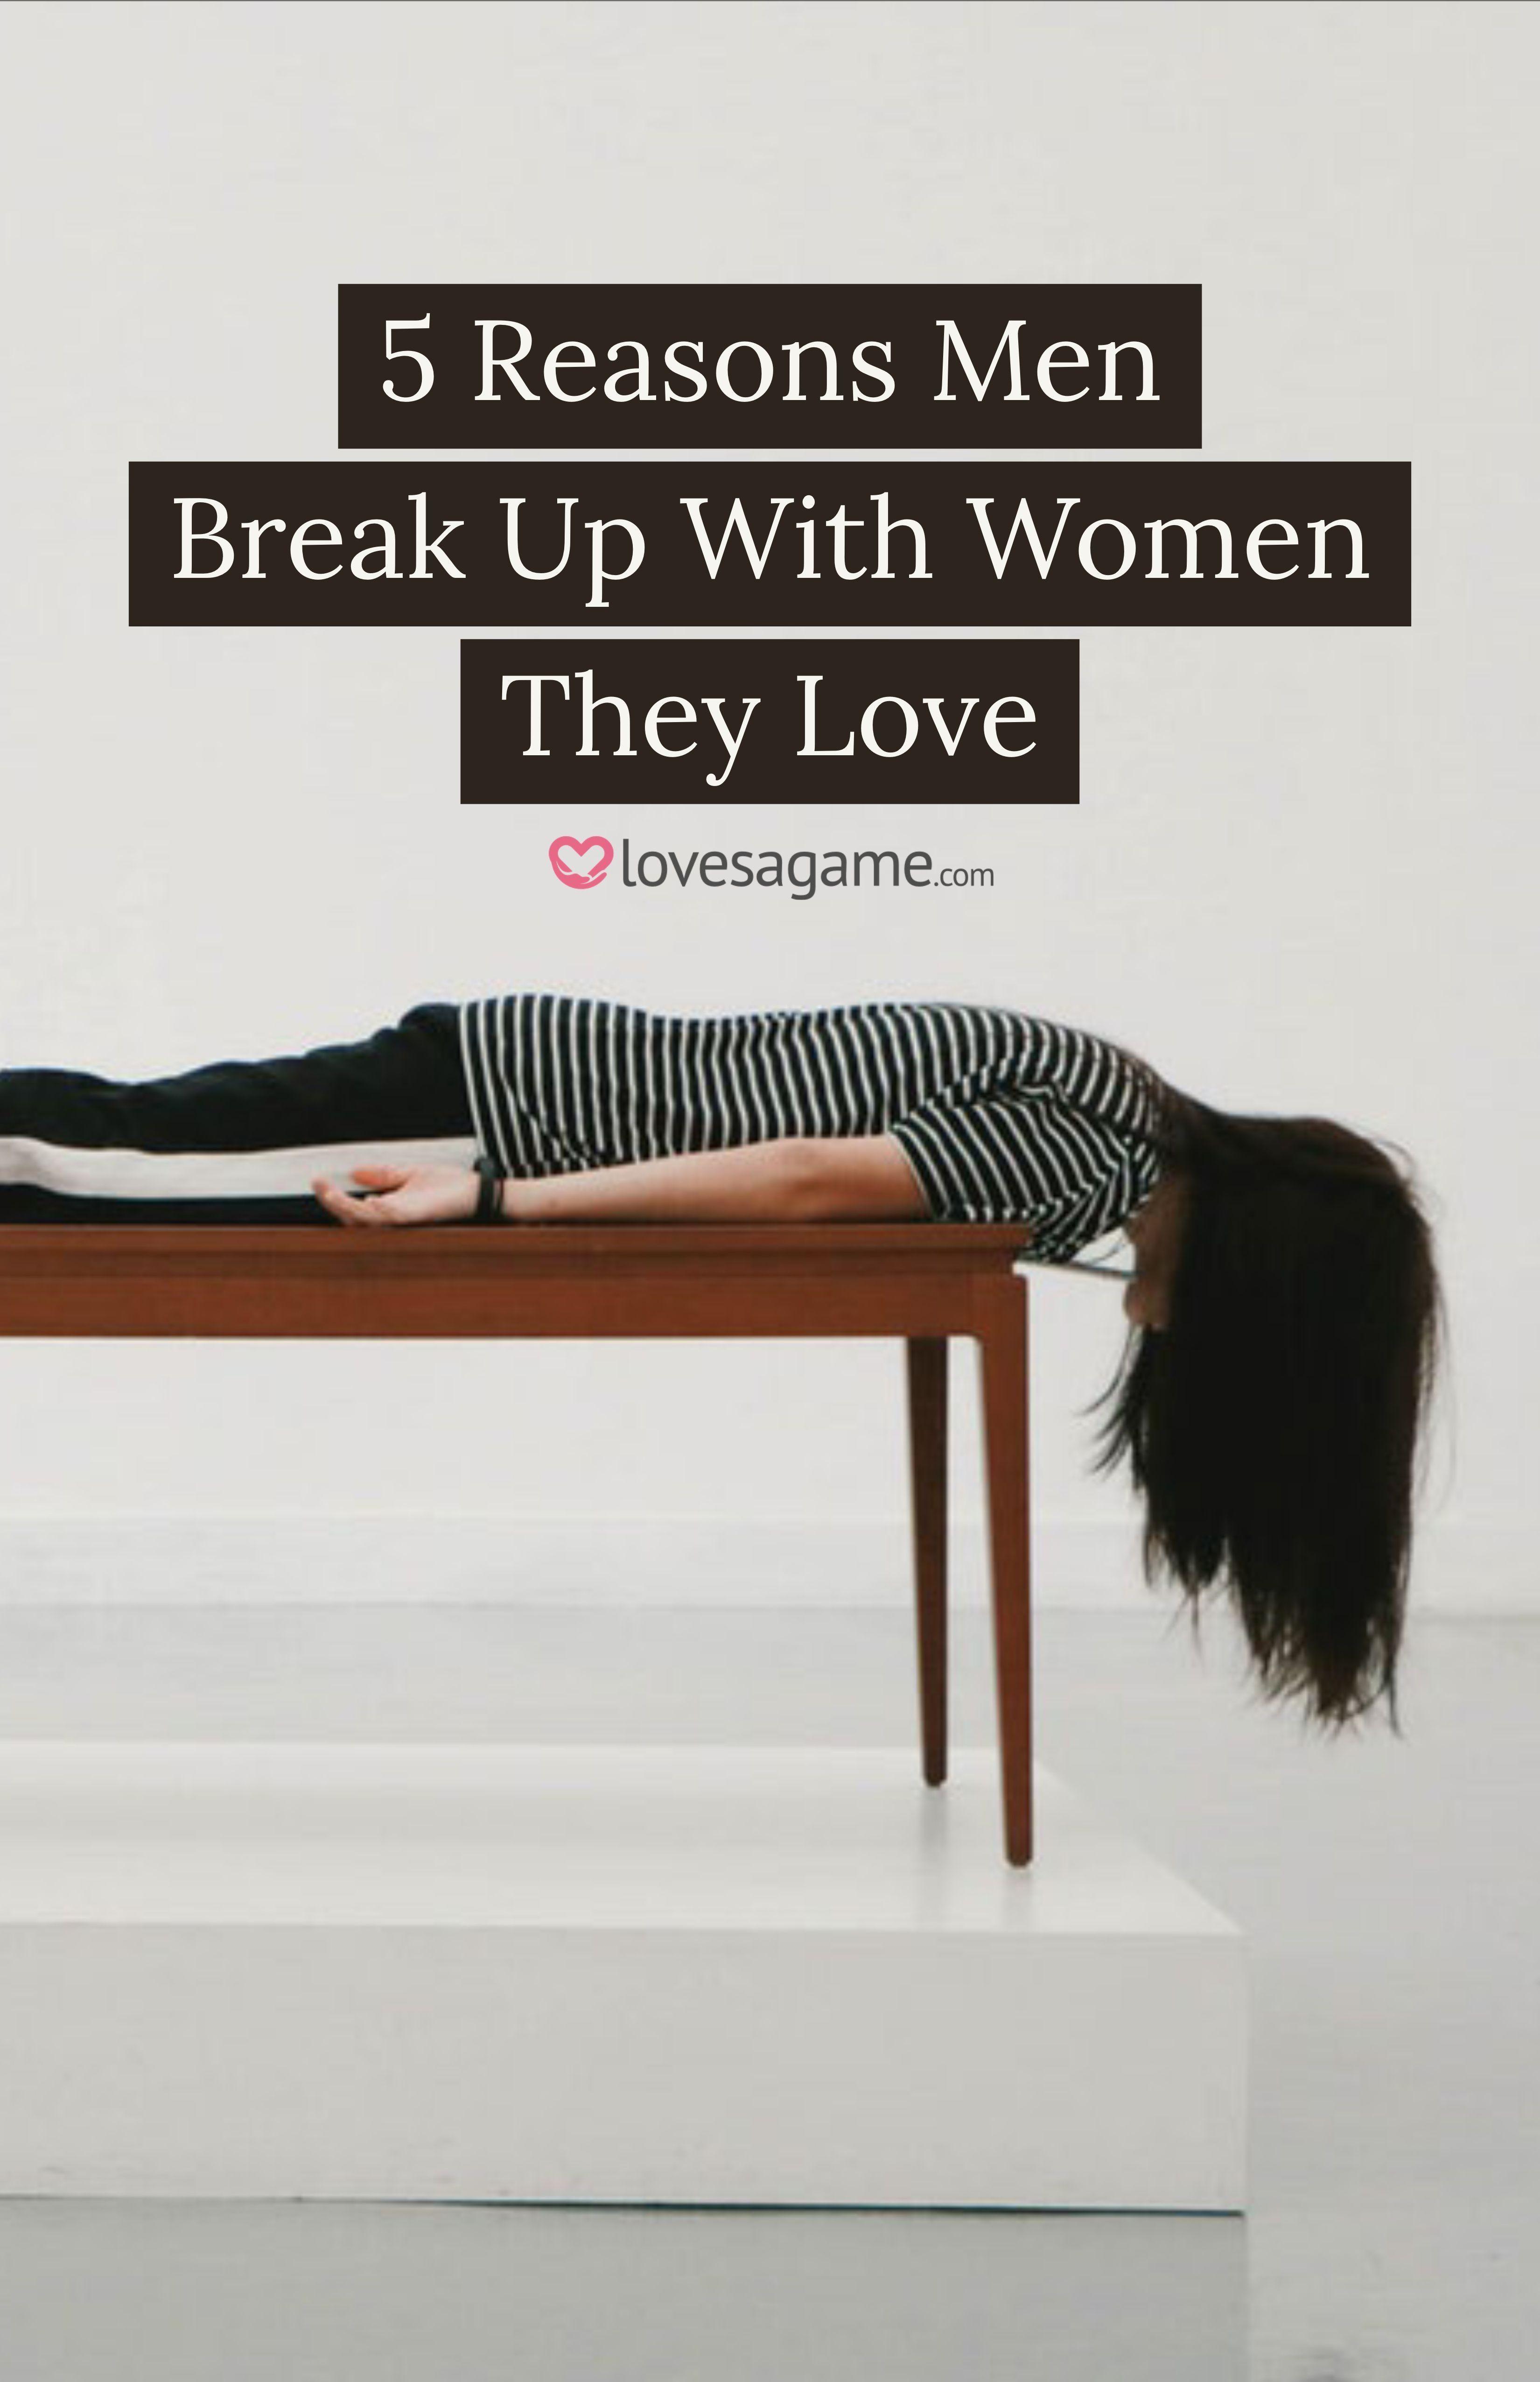 5 Reasons Men Break Up With Women They Love | Breakup Advice